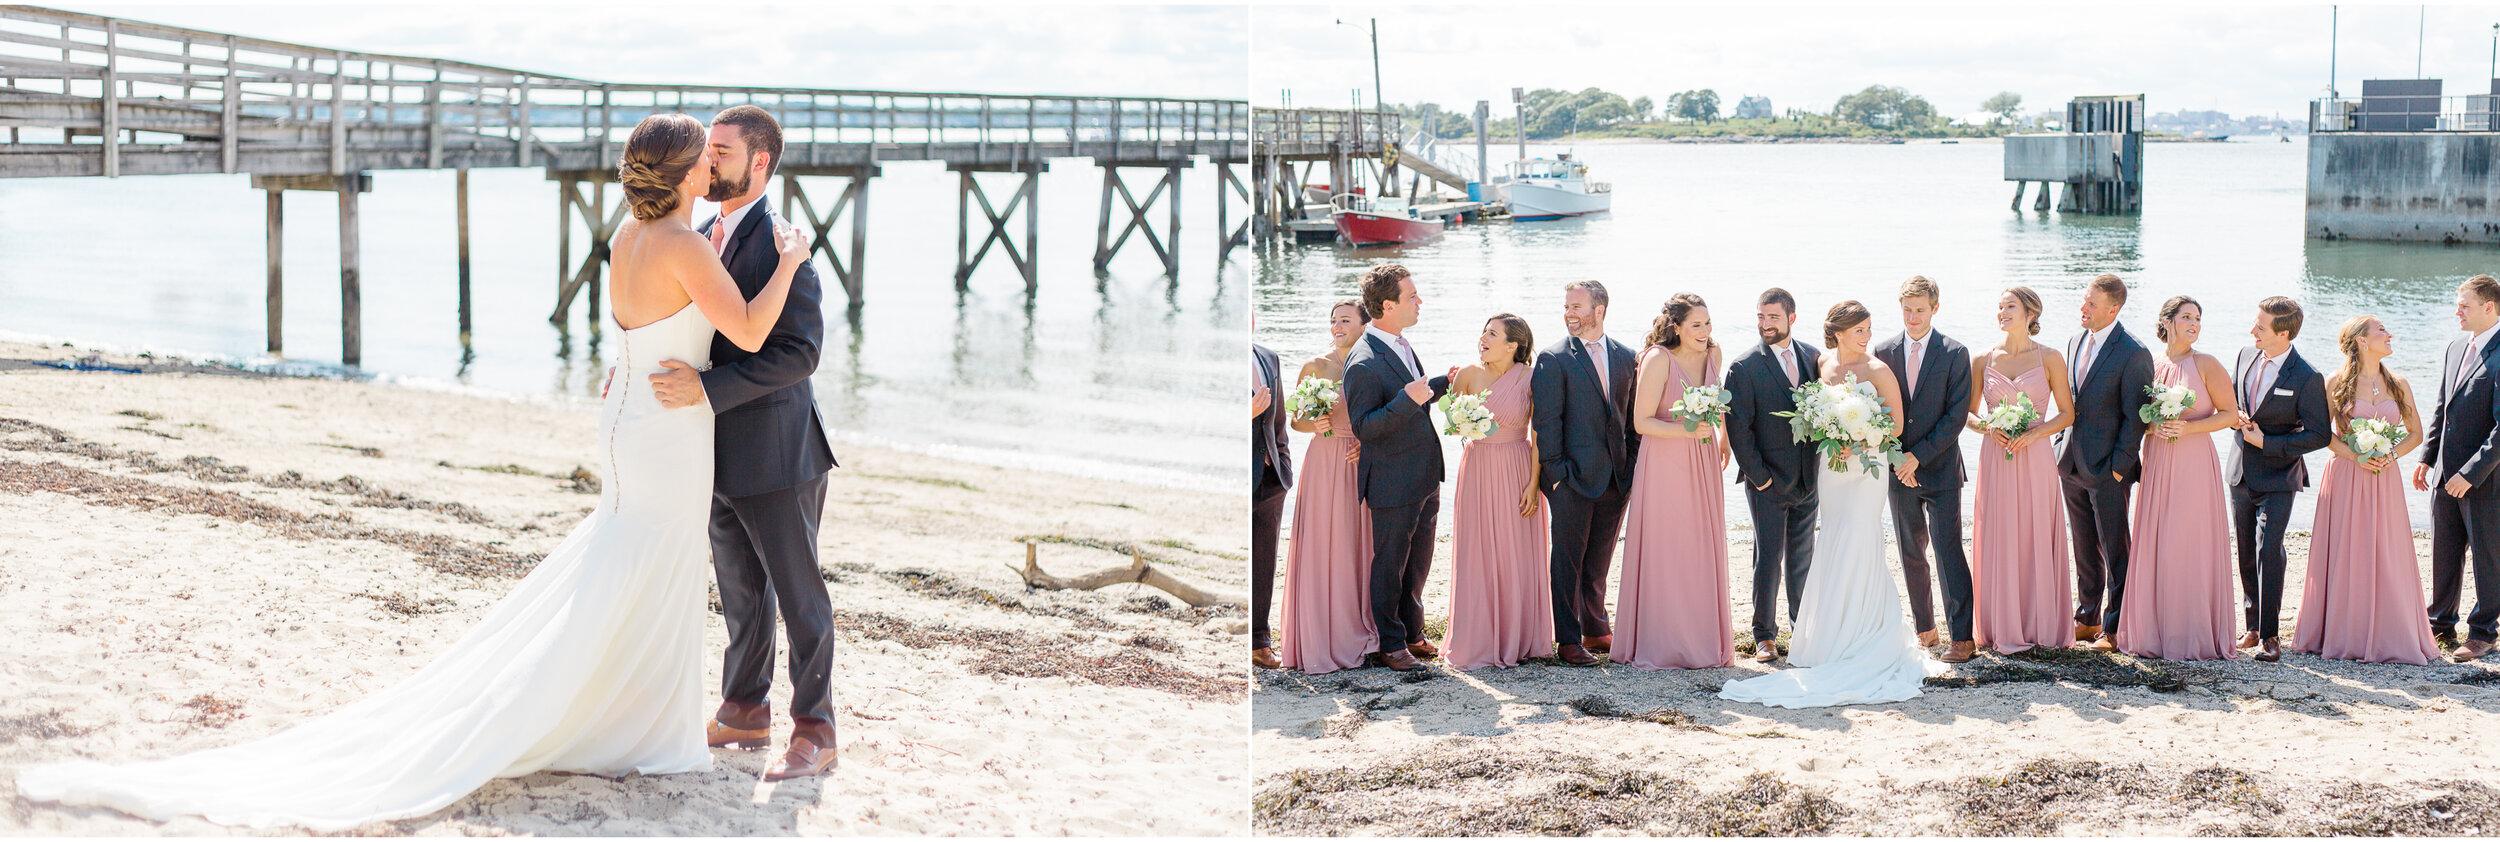 Luxury New England Wedding Photographer 8.jpg